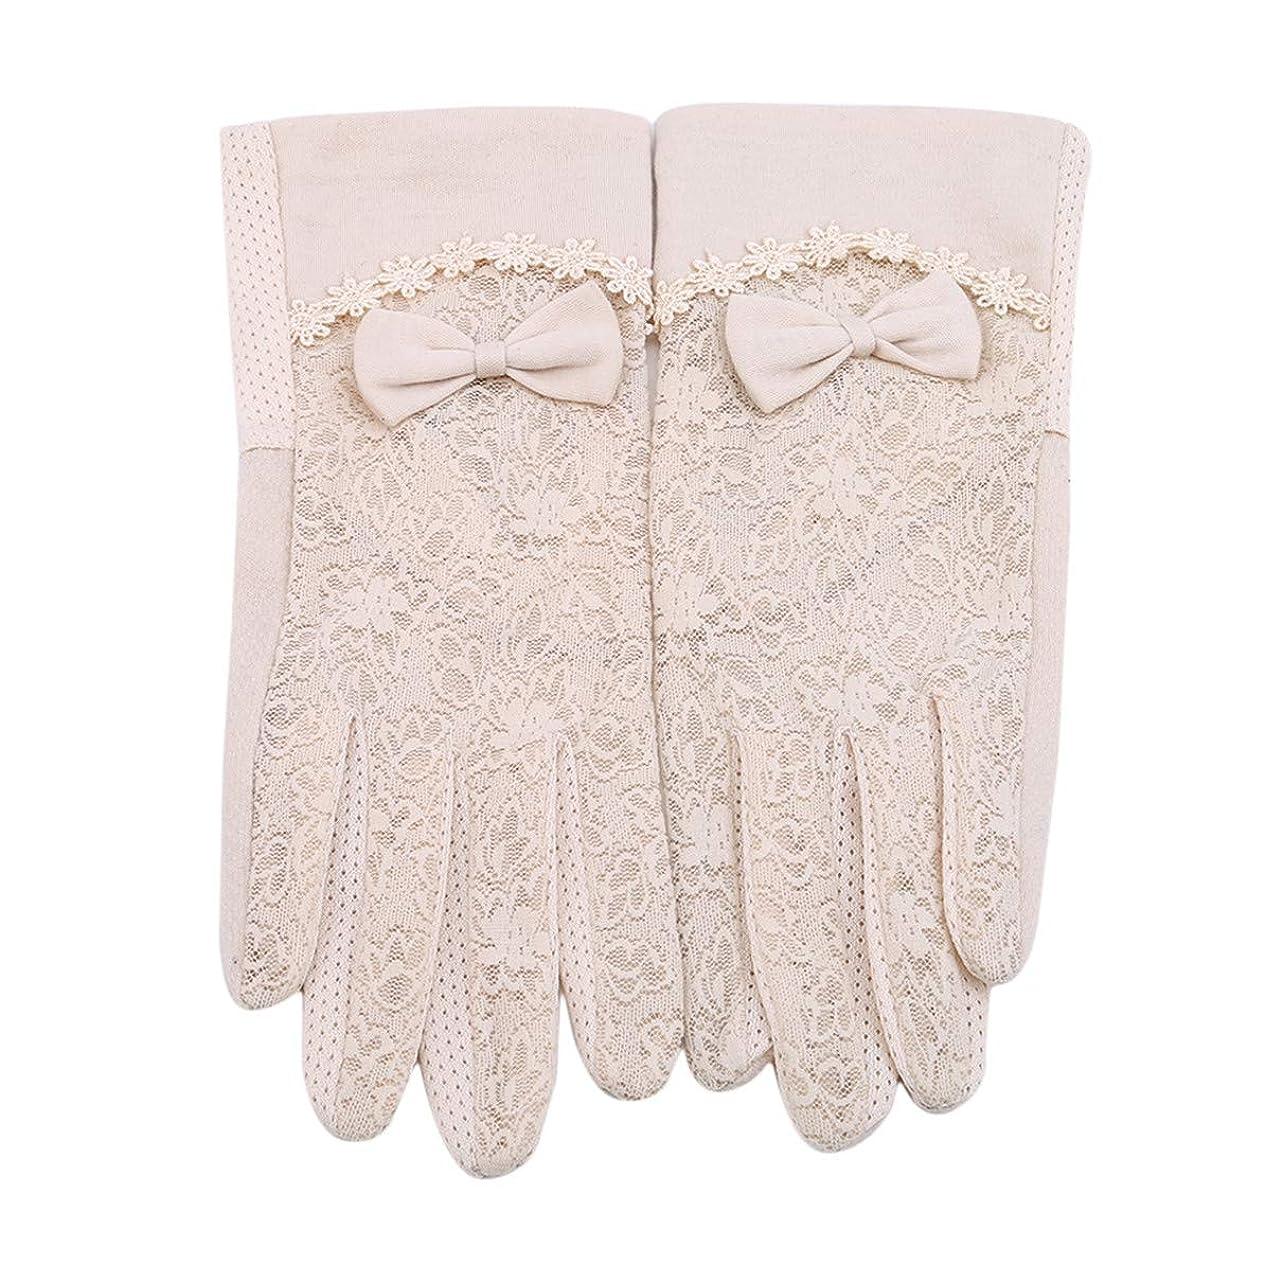 誤ってウェイター硬いMODMHB 手袋 UVカット 手触りが良い 紫外線カット 日焼け防止 ハンド ケア 手荒い対策 保湿 保護 抗菌 防臭